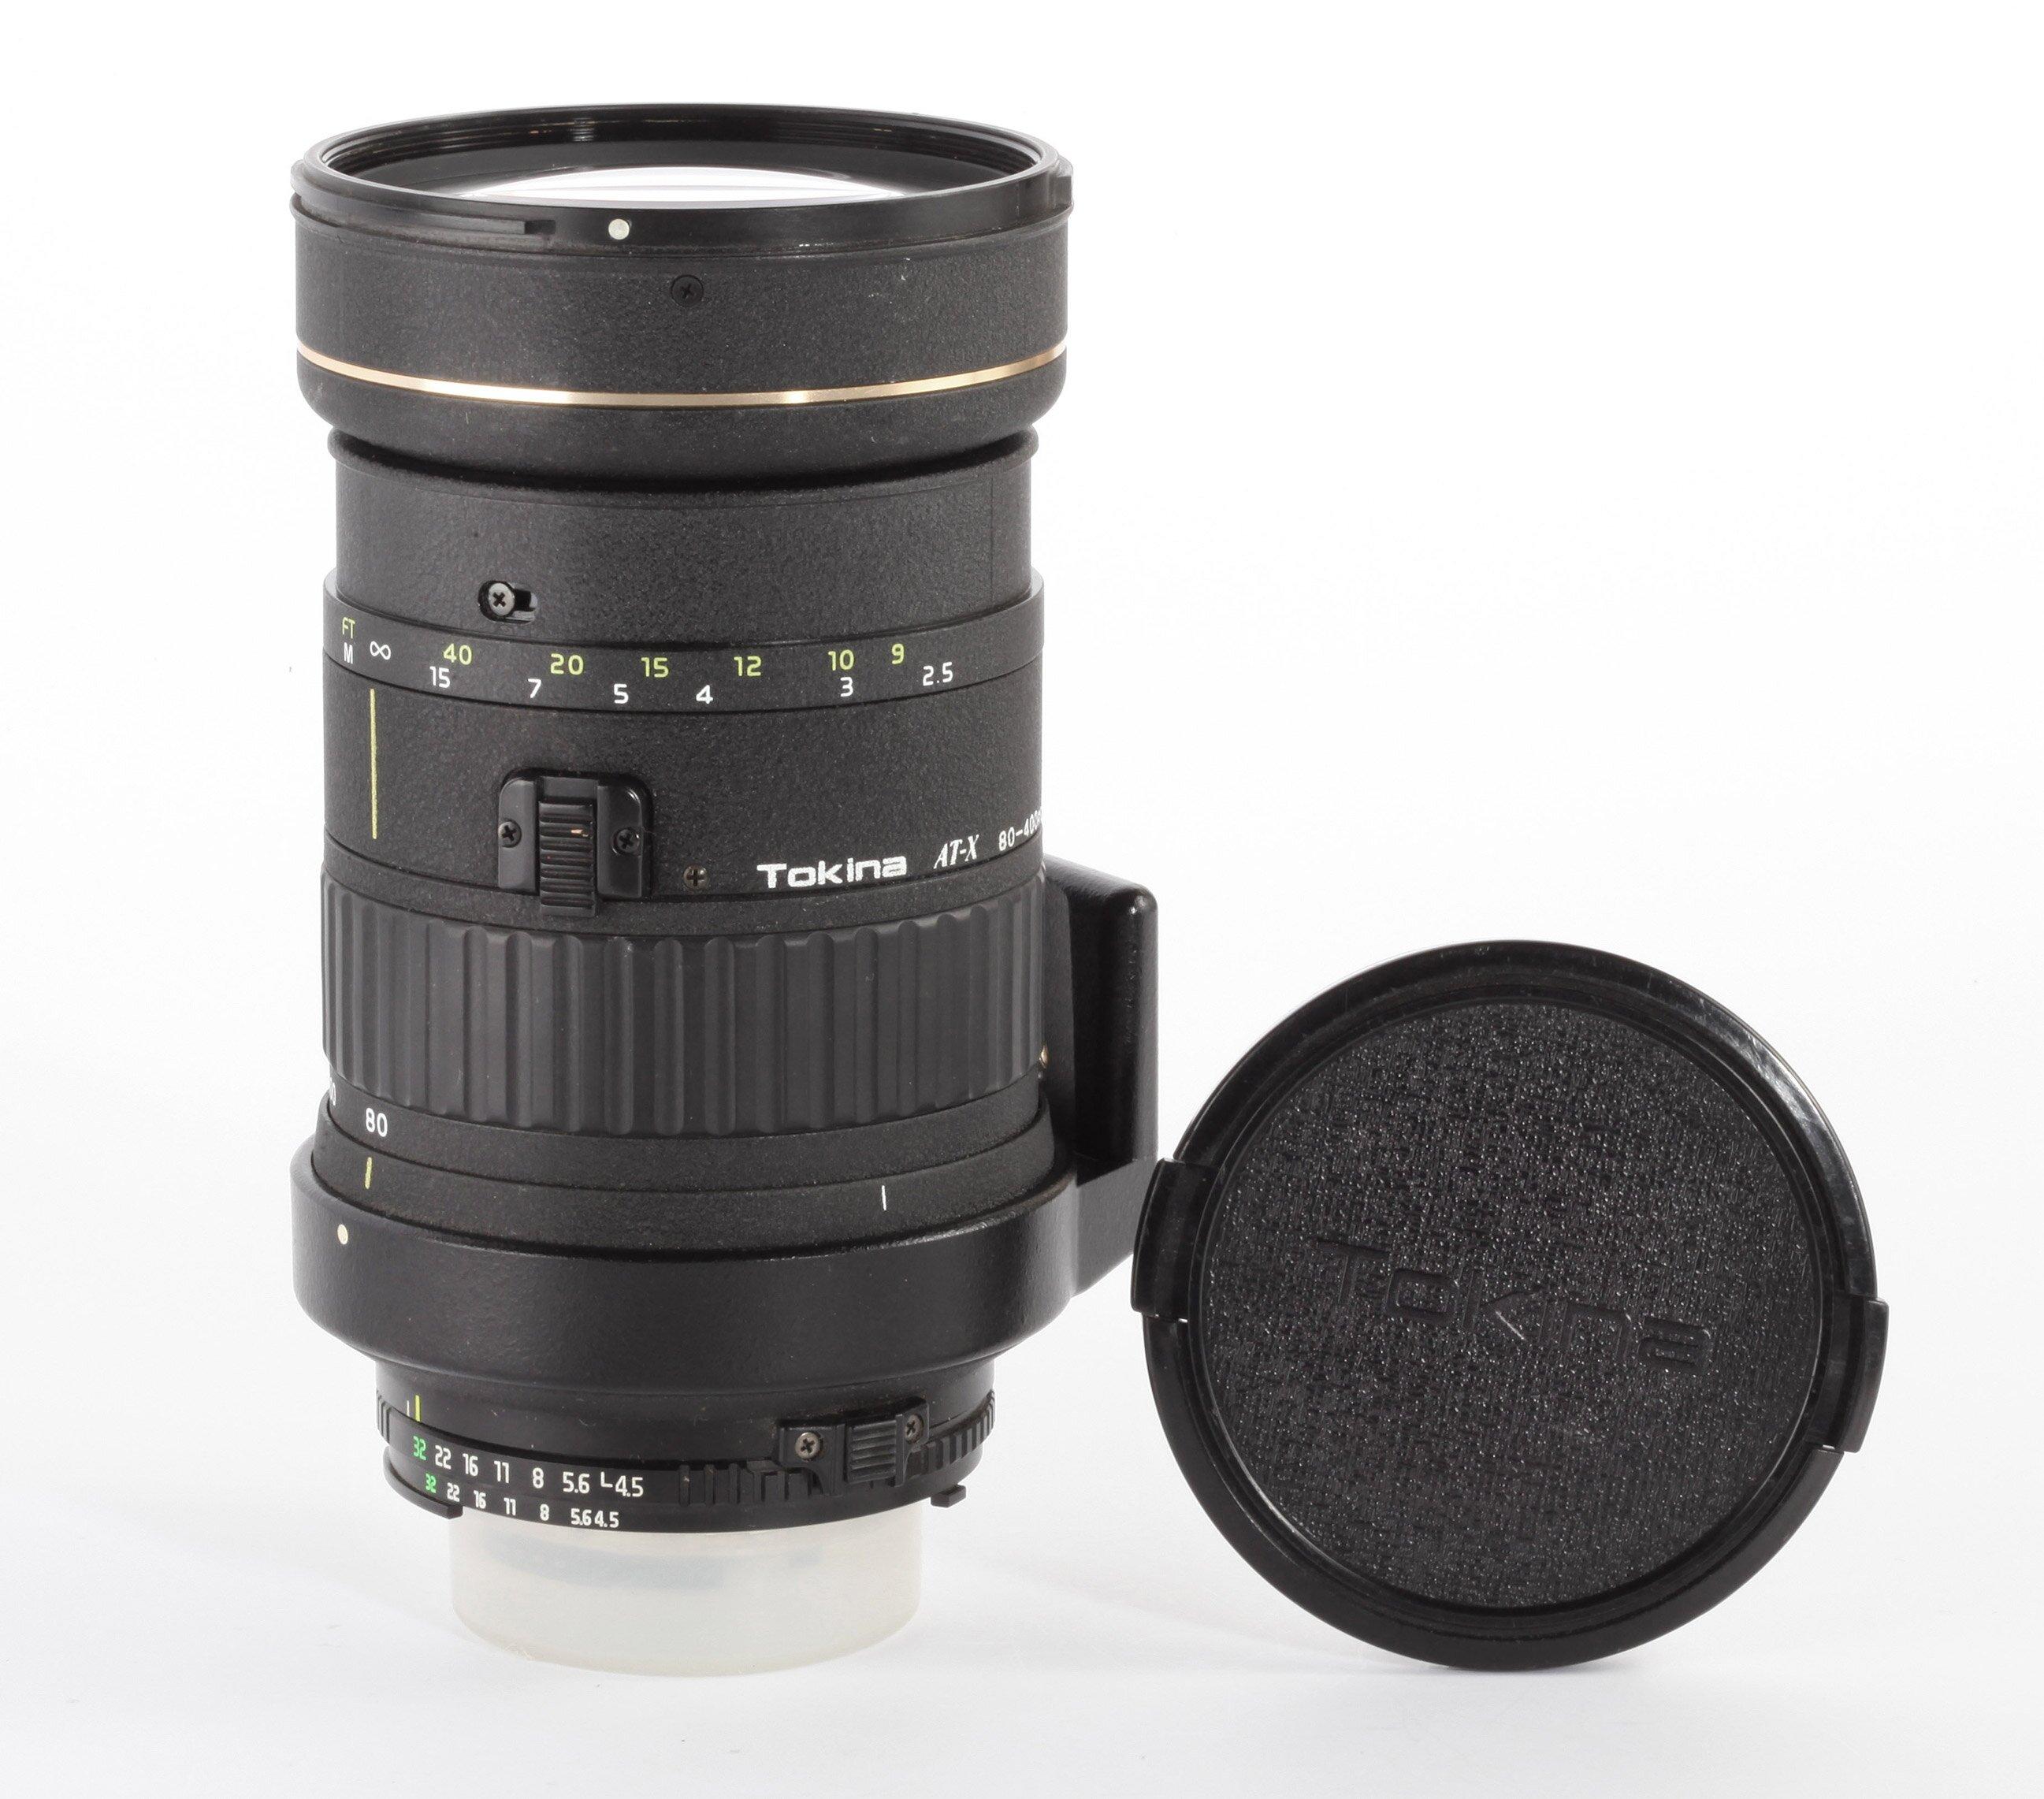 Tokina AT-X 80-400mm 4,5-5,6D f.Nikon